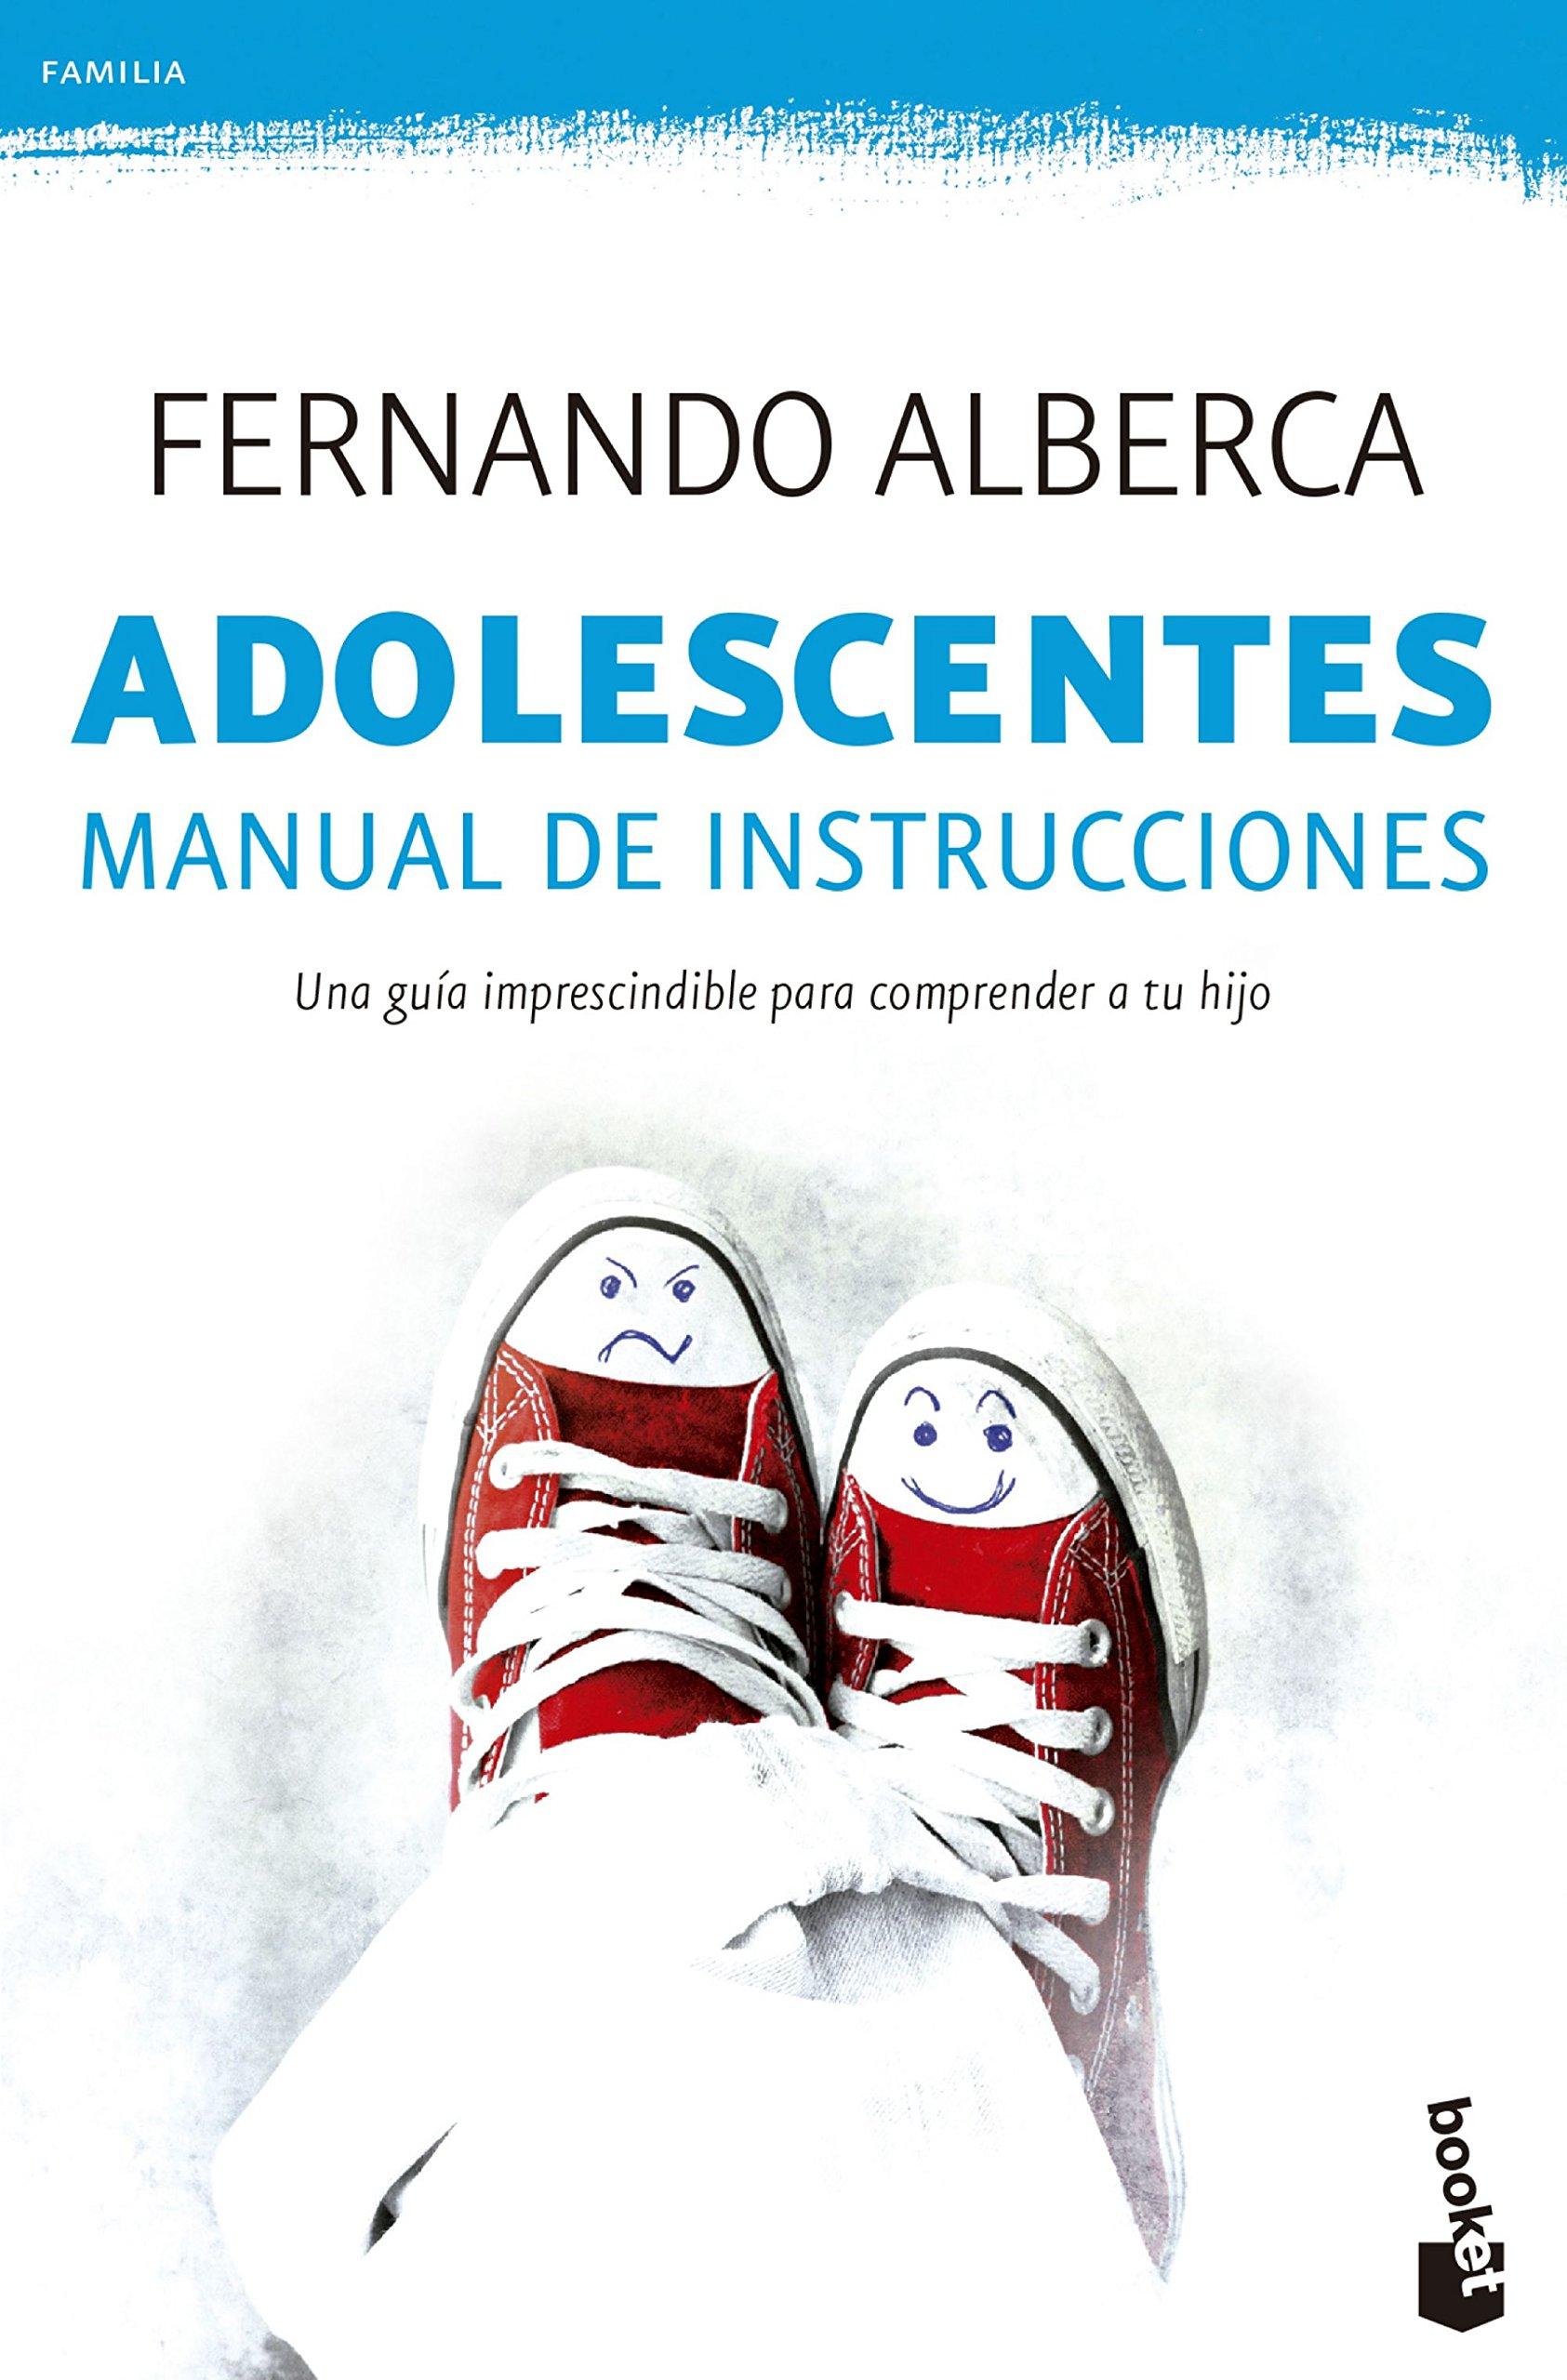 Manual de instrucciones (Prácticos): Amazon.es: Fernando Alberca: Libros